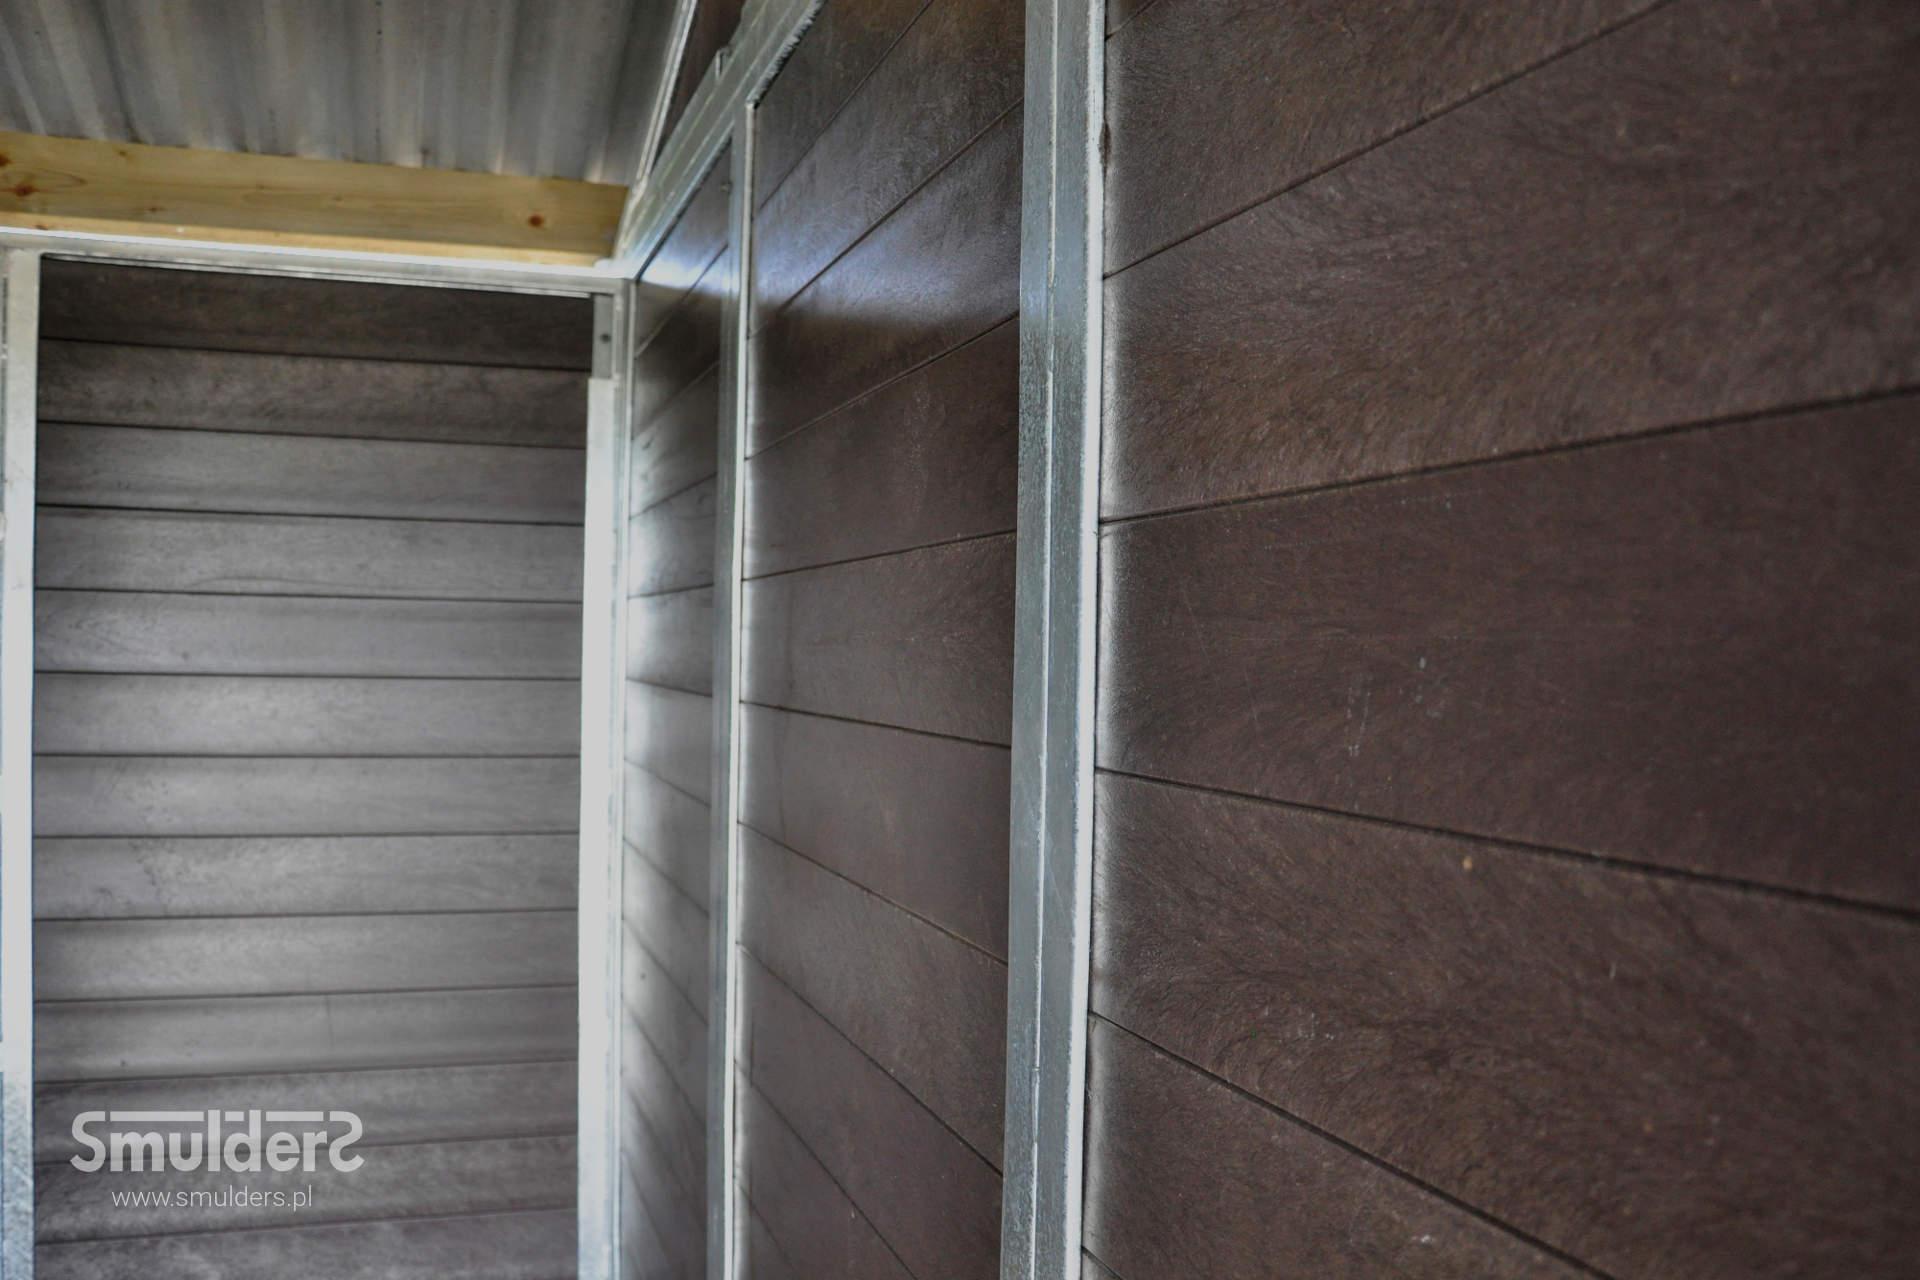 https://www.smulders.pl/wp-content/uploads/2019/07/f013_outdoor-stables_KCN_SMULDERS_PL.jpg